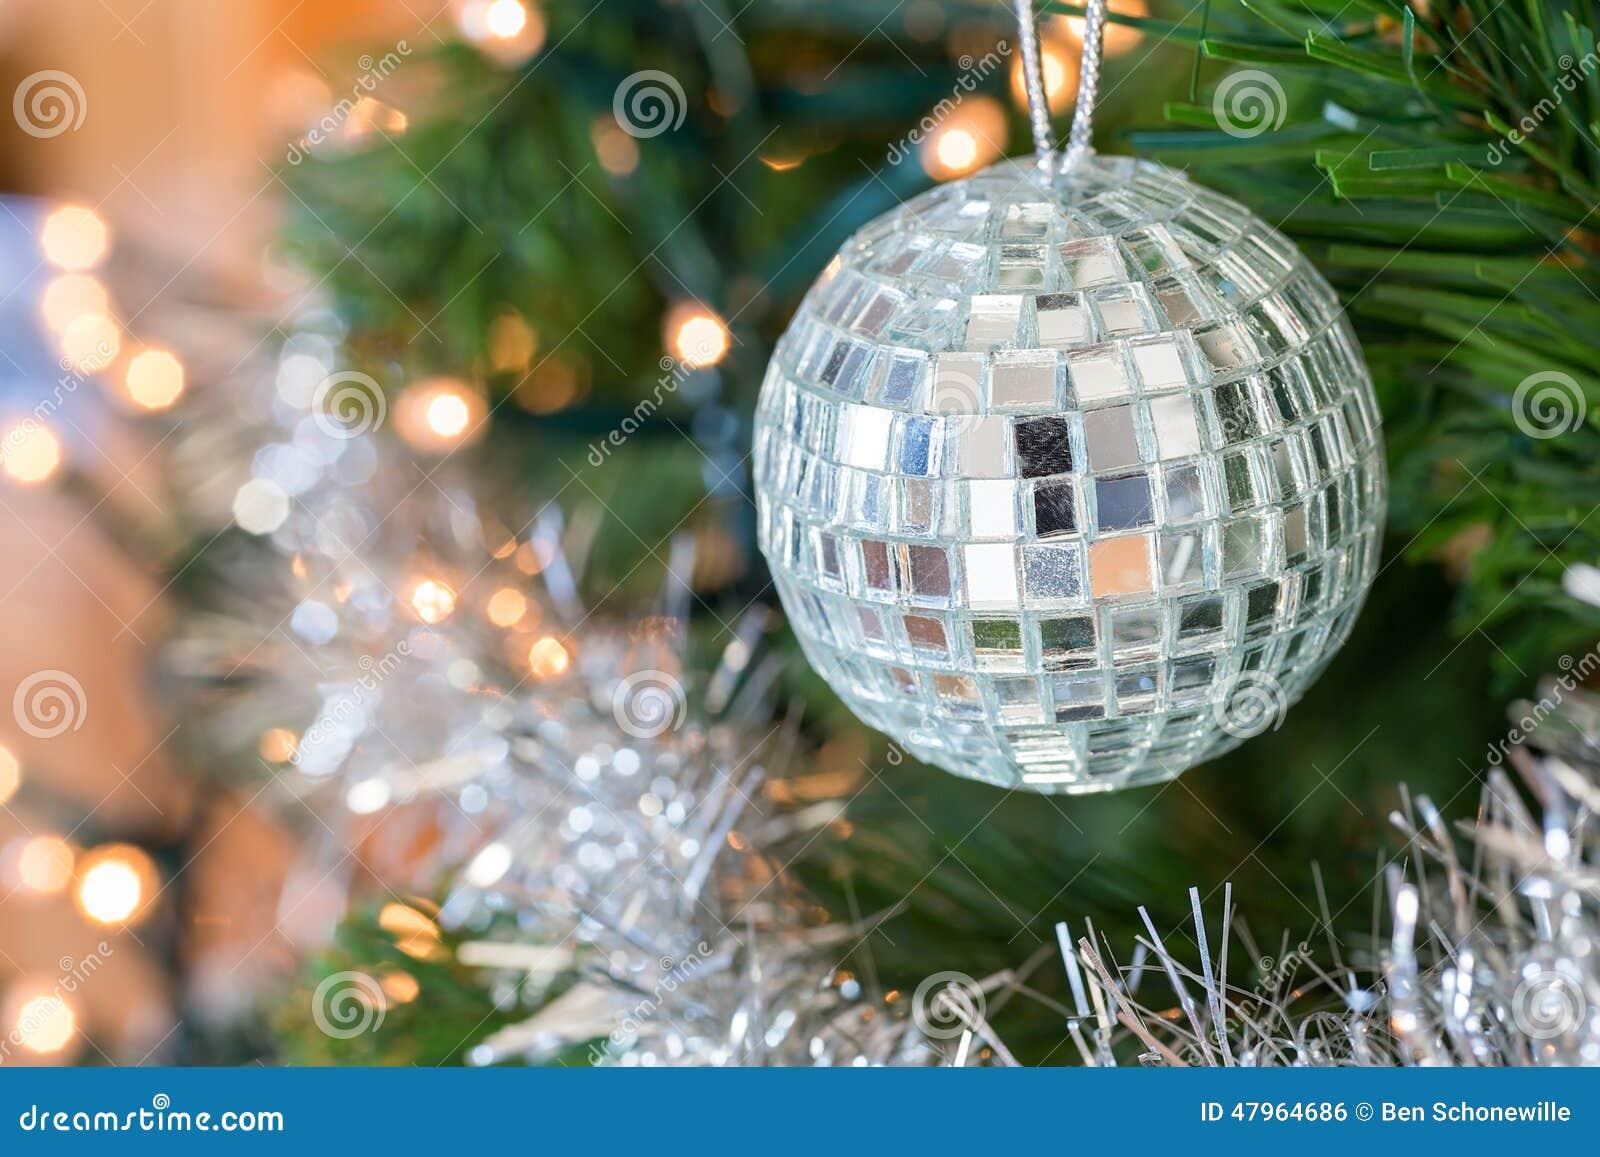 Bola de discoteca como bola de la navidad con los espejos - Bola de navidad con foto ...